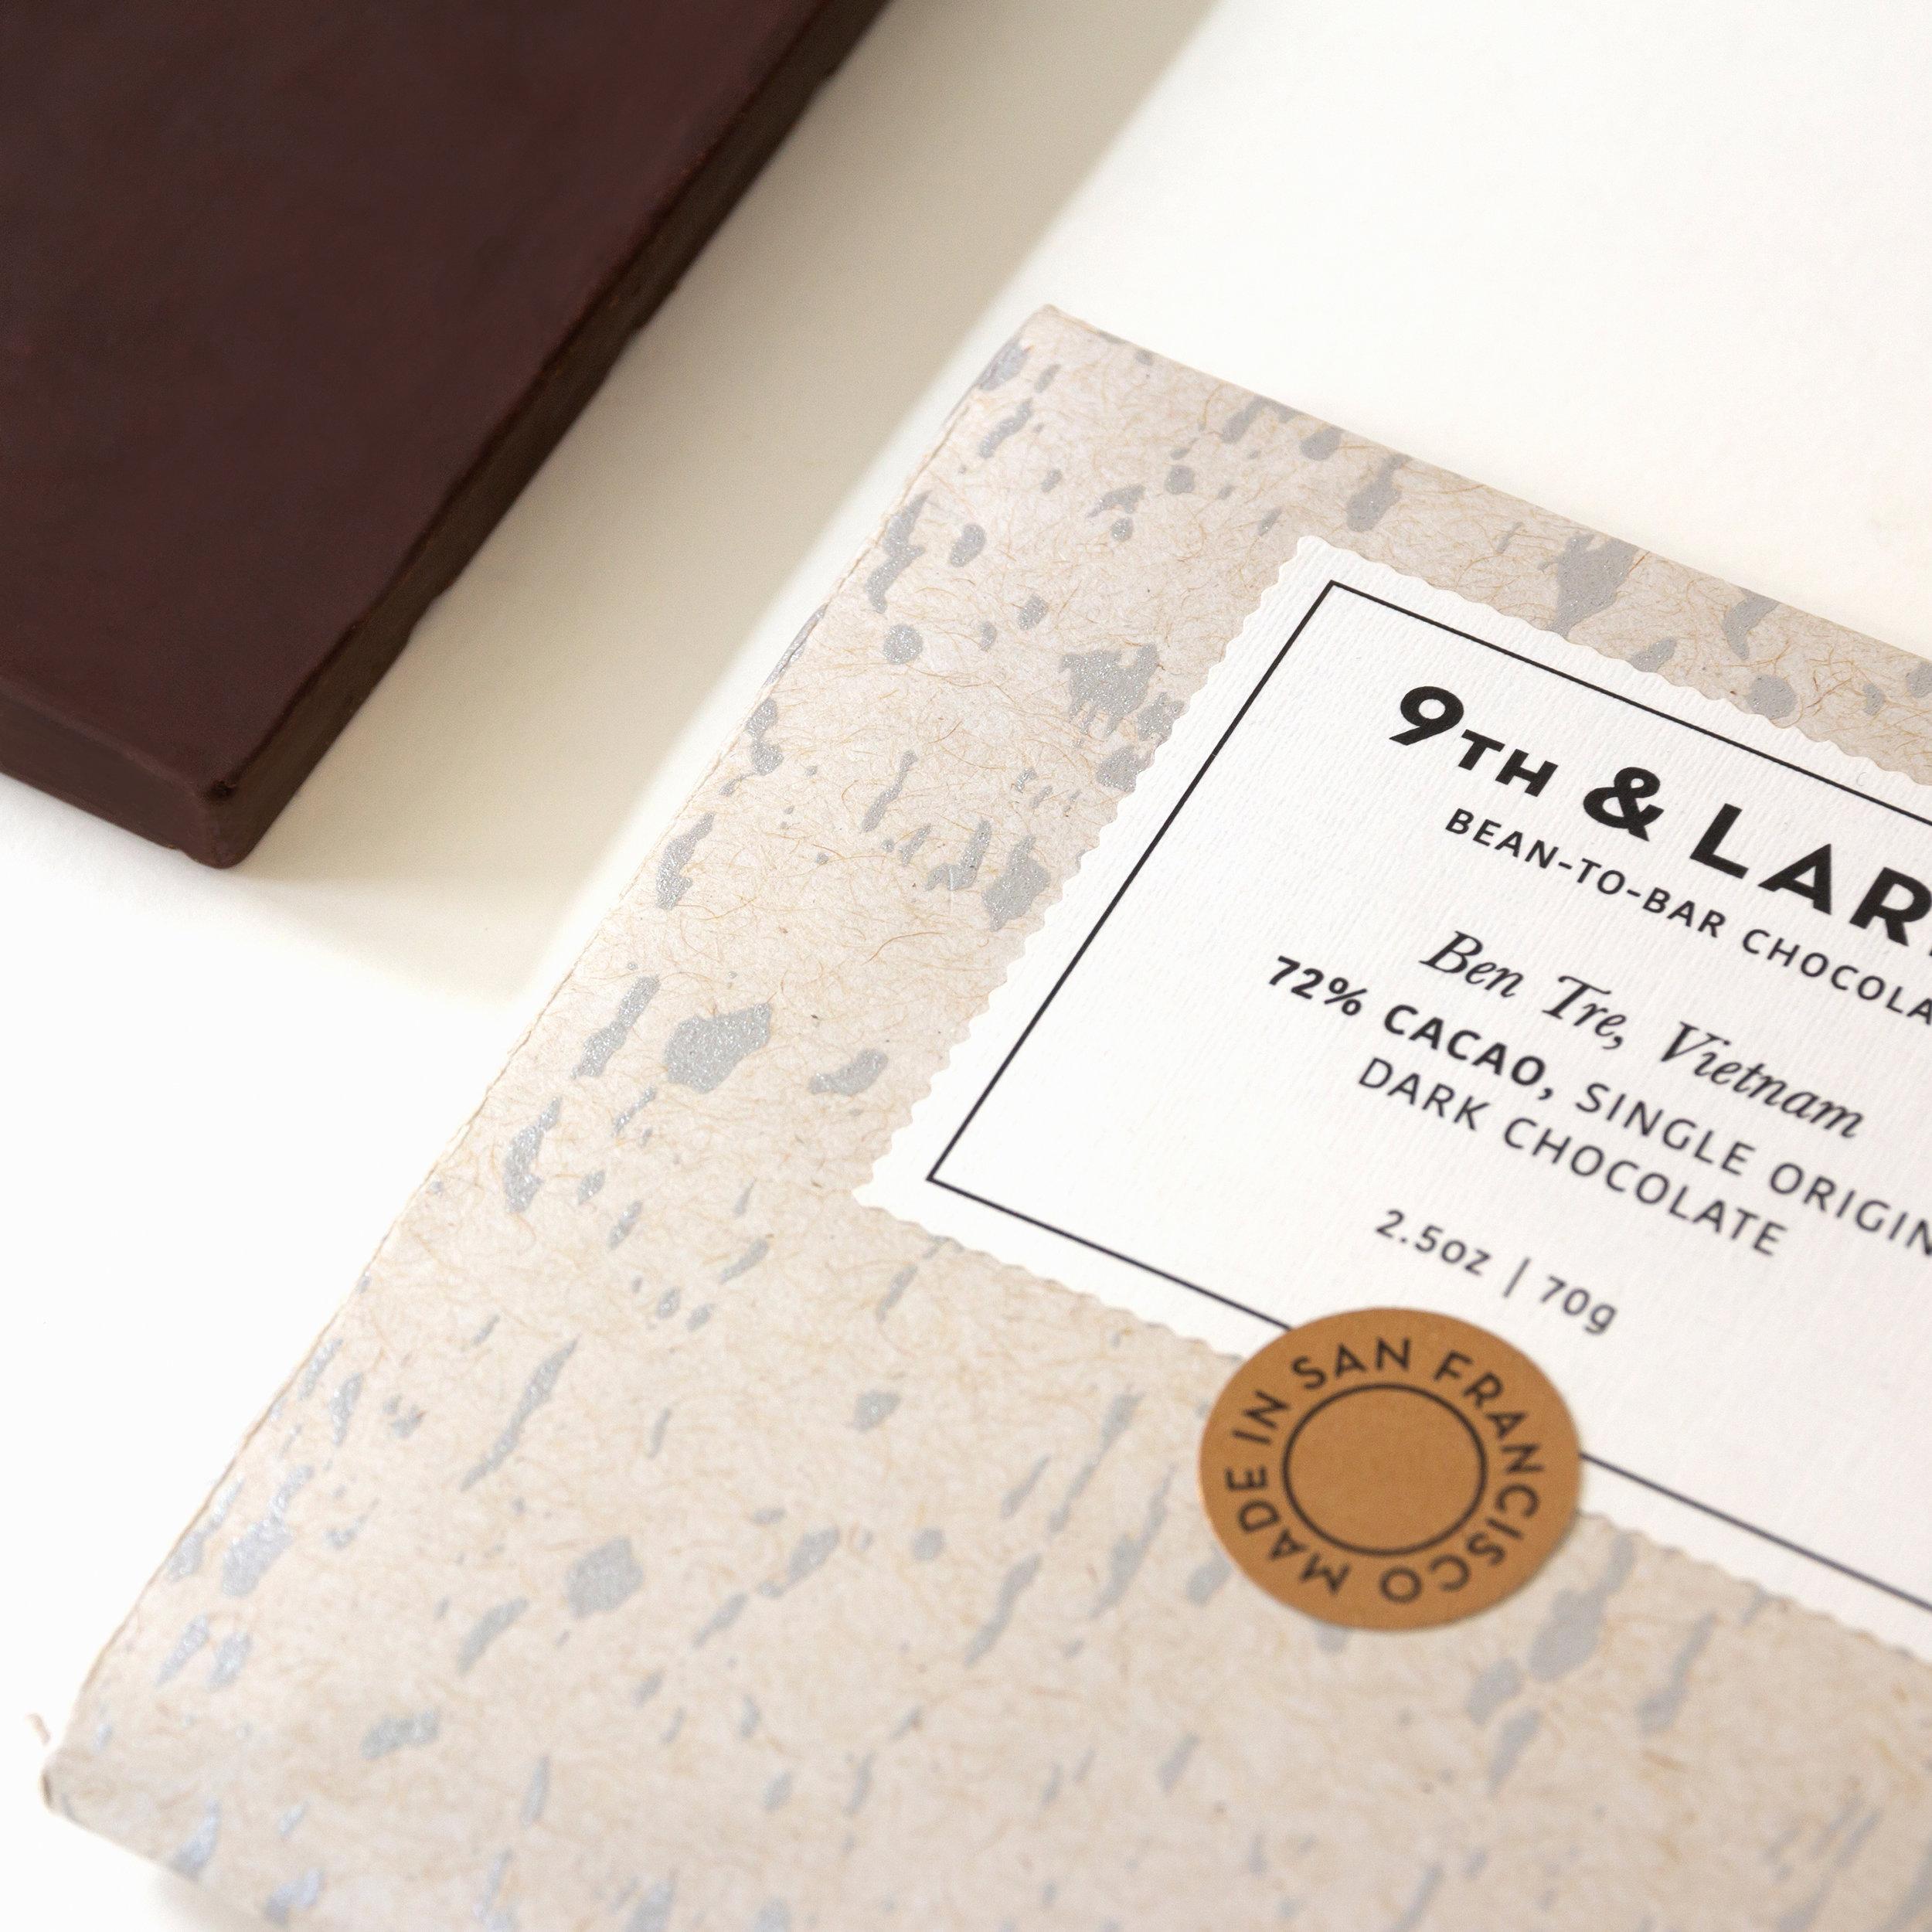 chocolate-packaging-pattern-01.jpg